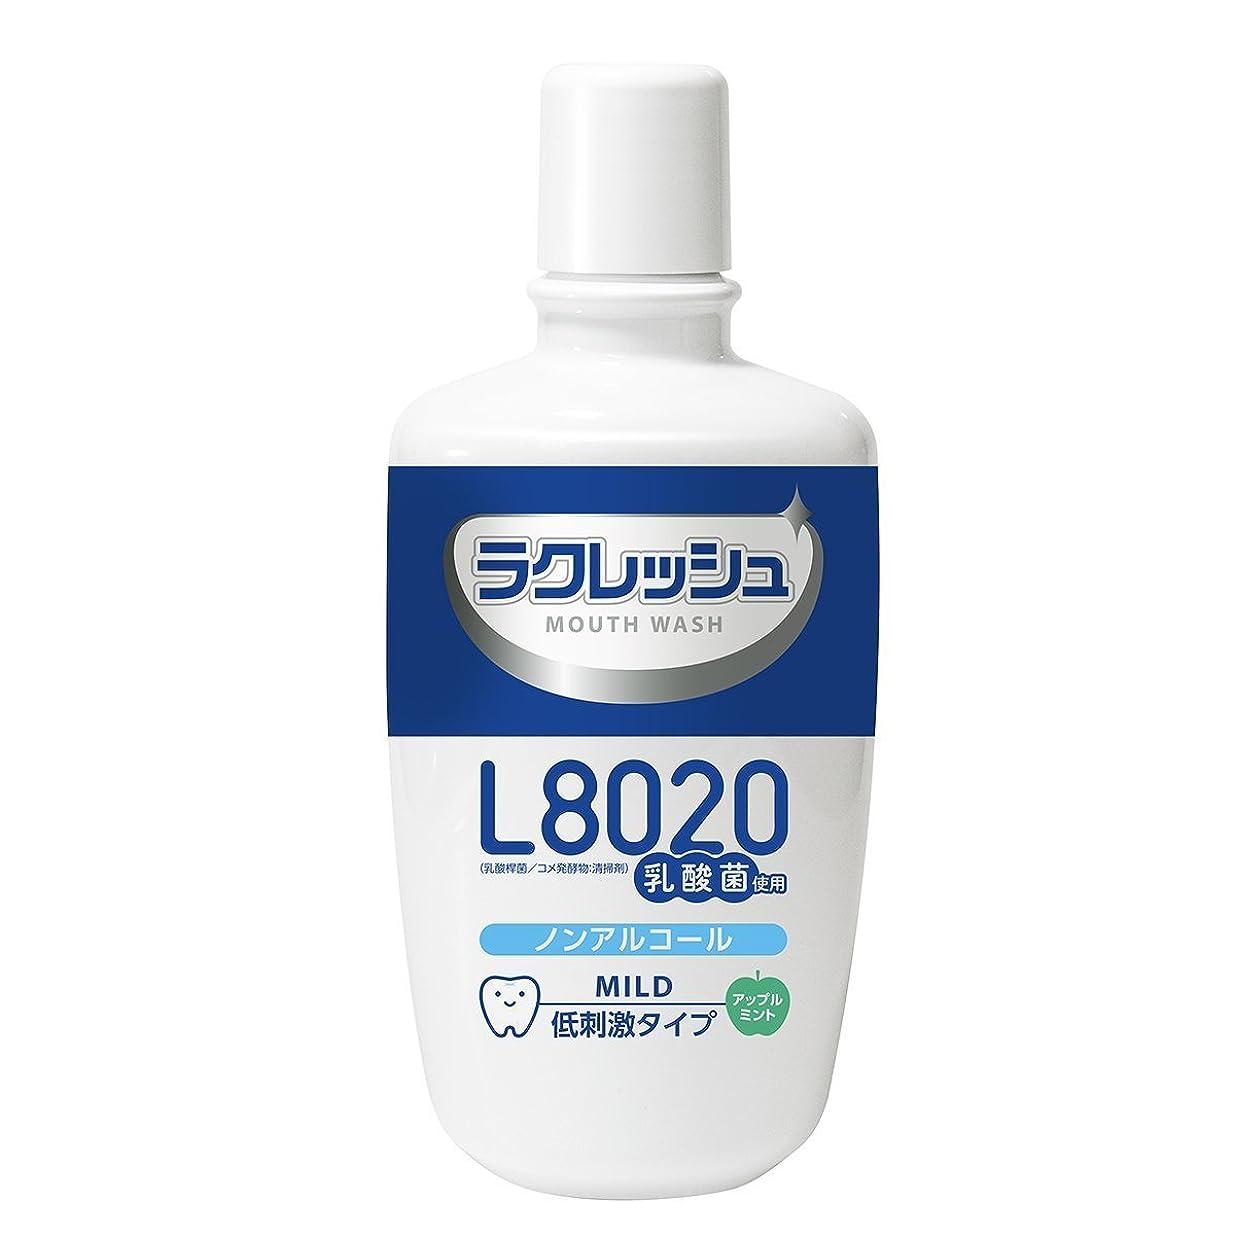 絶対の複雑でない理解するラクレッシュ L8020菌 マウスウォッシュ 3本セット (マイルド)